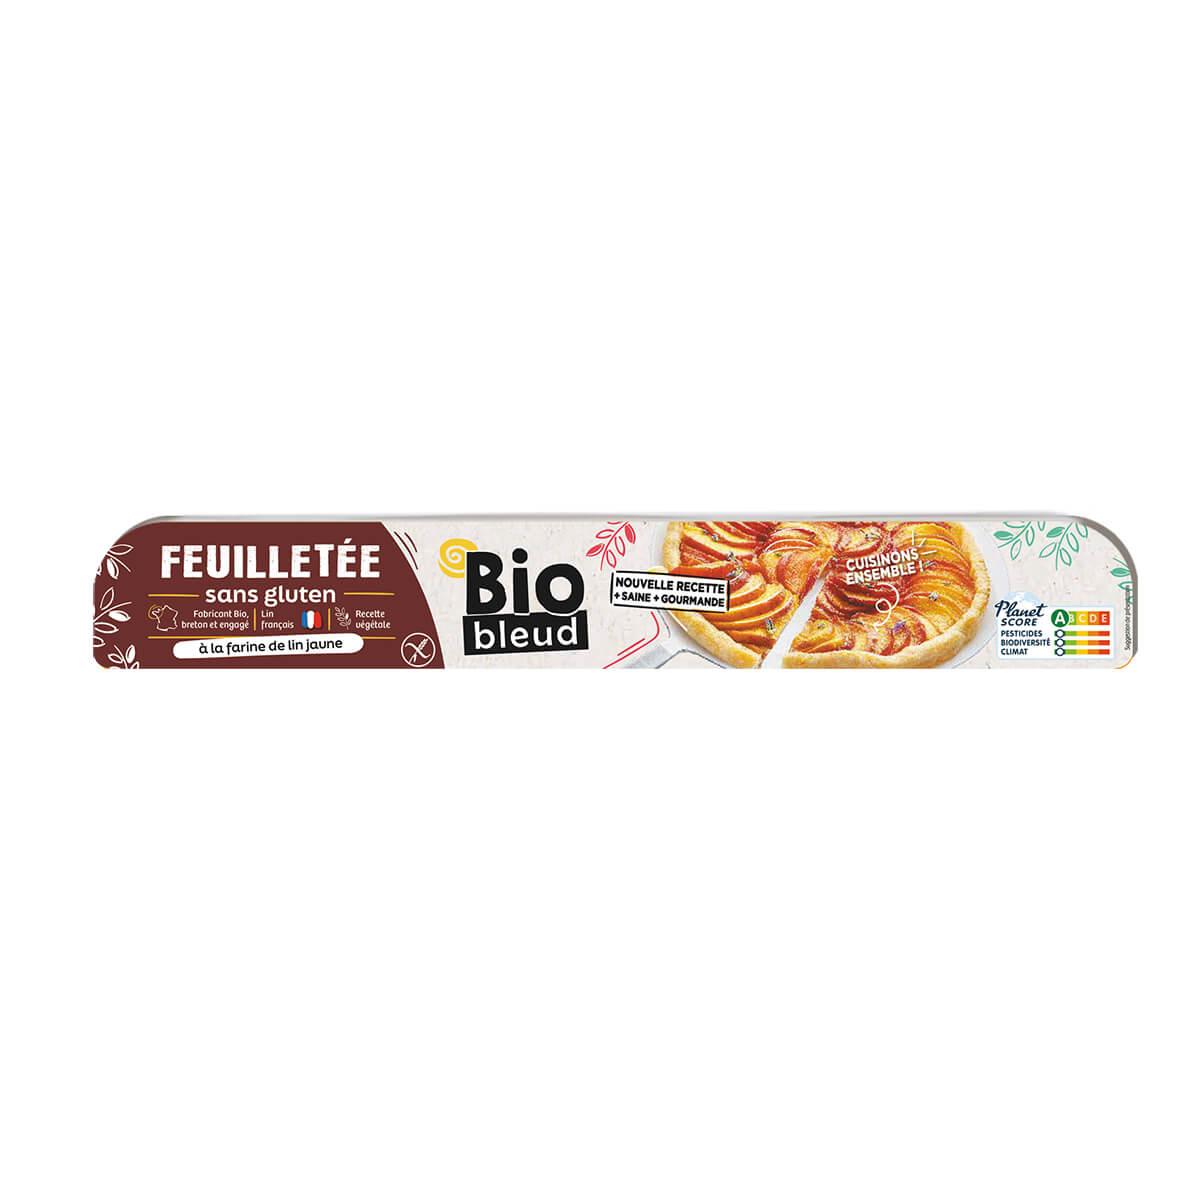 Biobleud - Pâte feuilletée sans gluten 260g